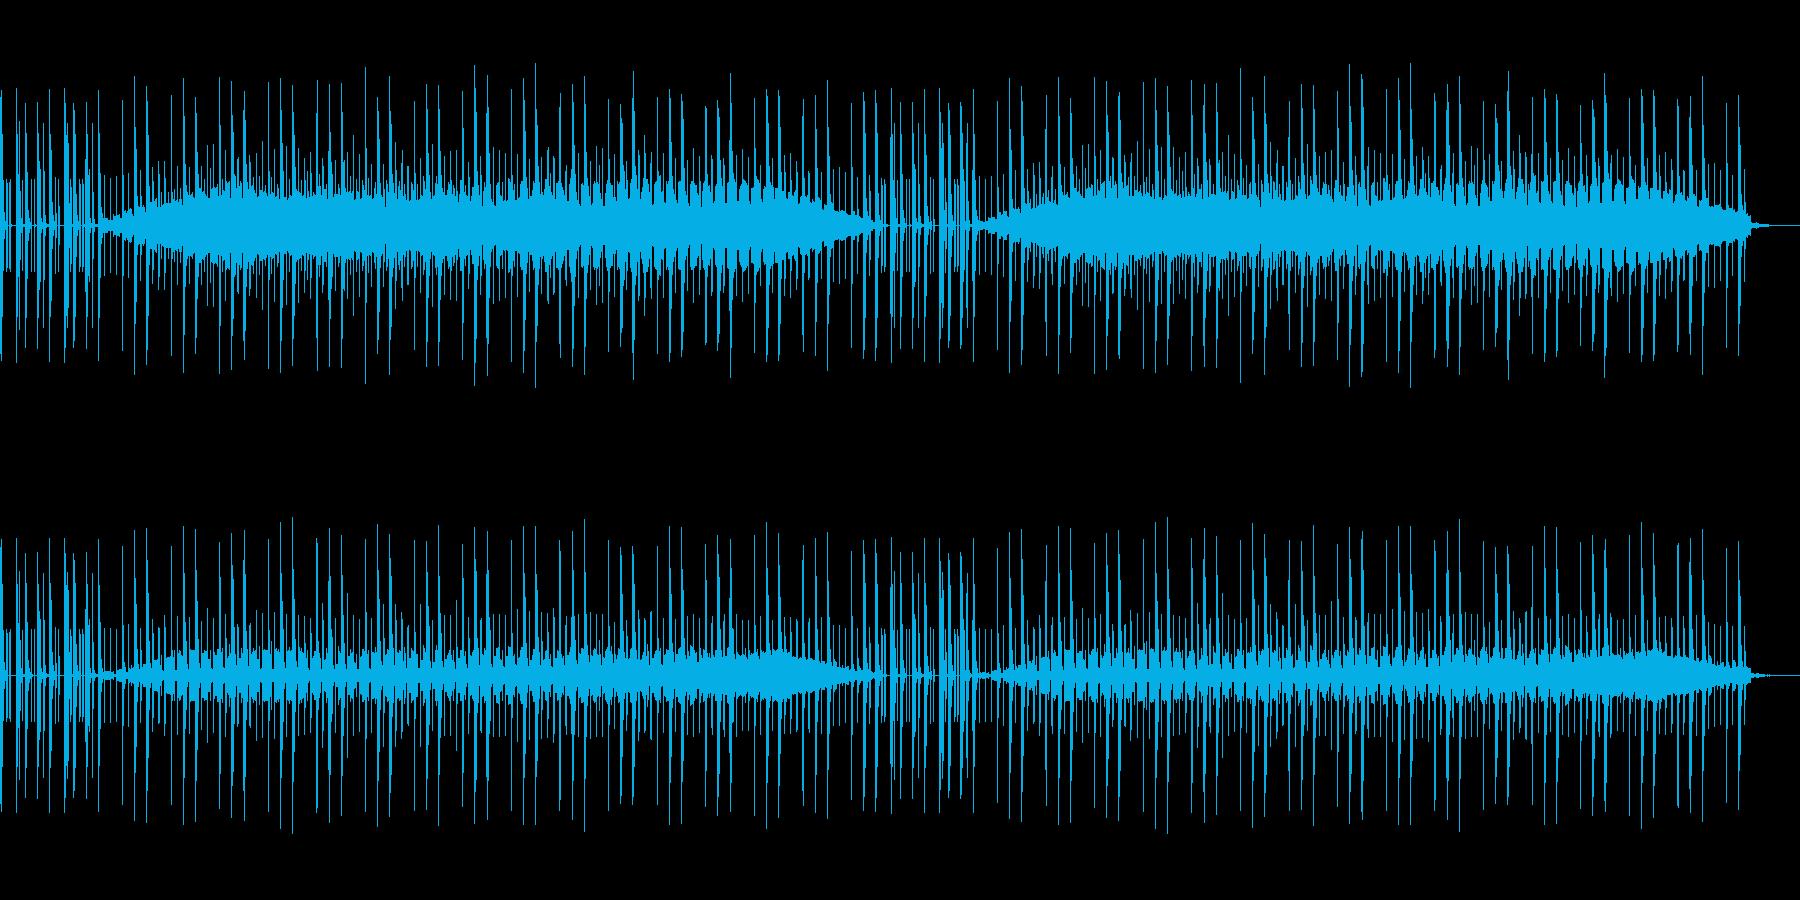 ニュースなどに使えるドラム主体のBGMの再生済みの波形